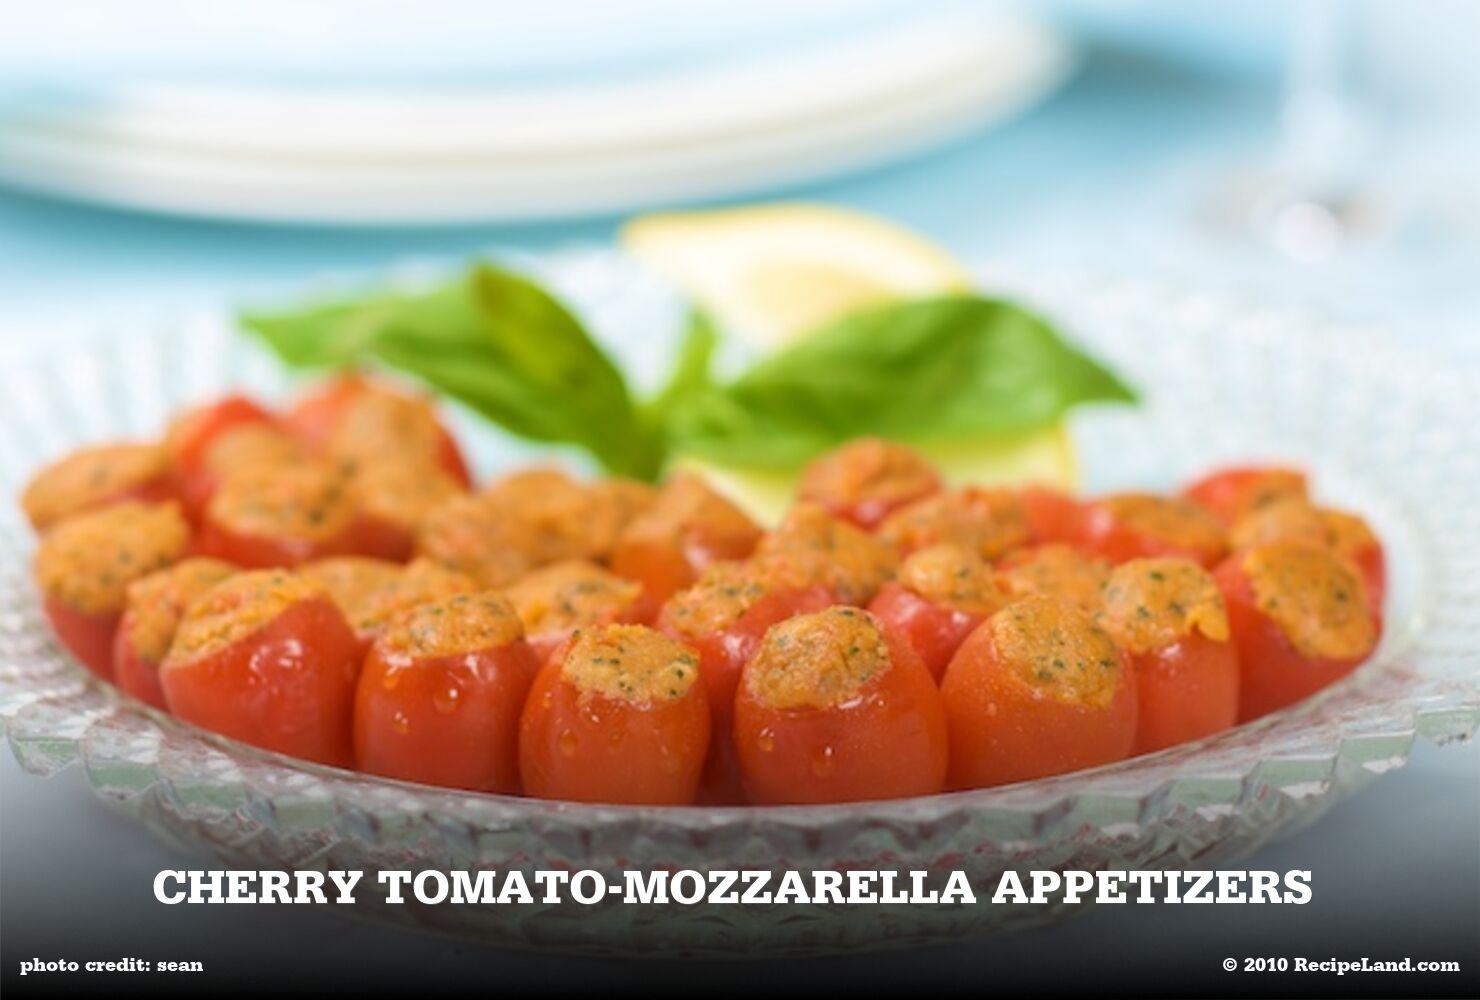 Cherry Tomato-Mozzarella Appetizers